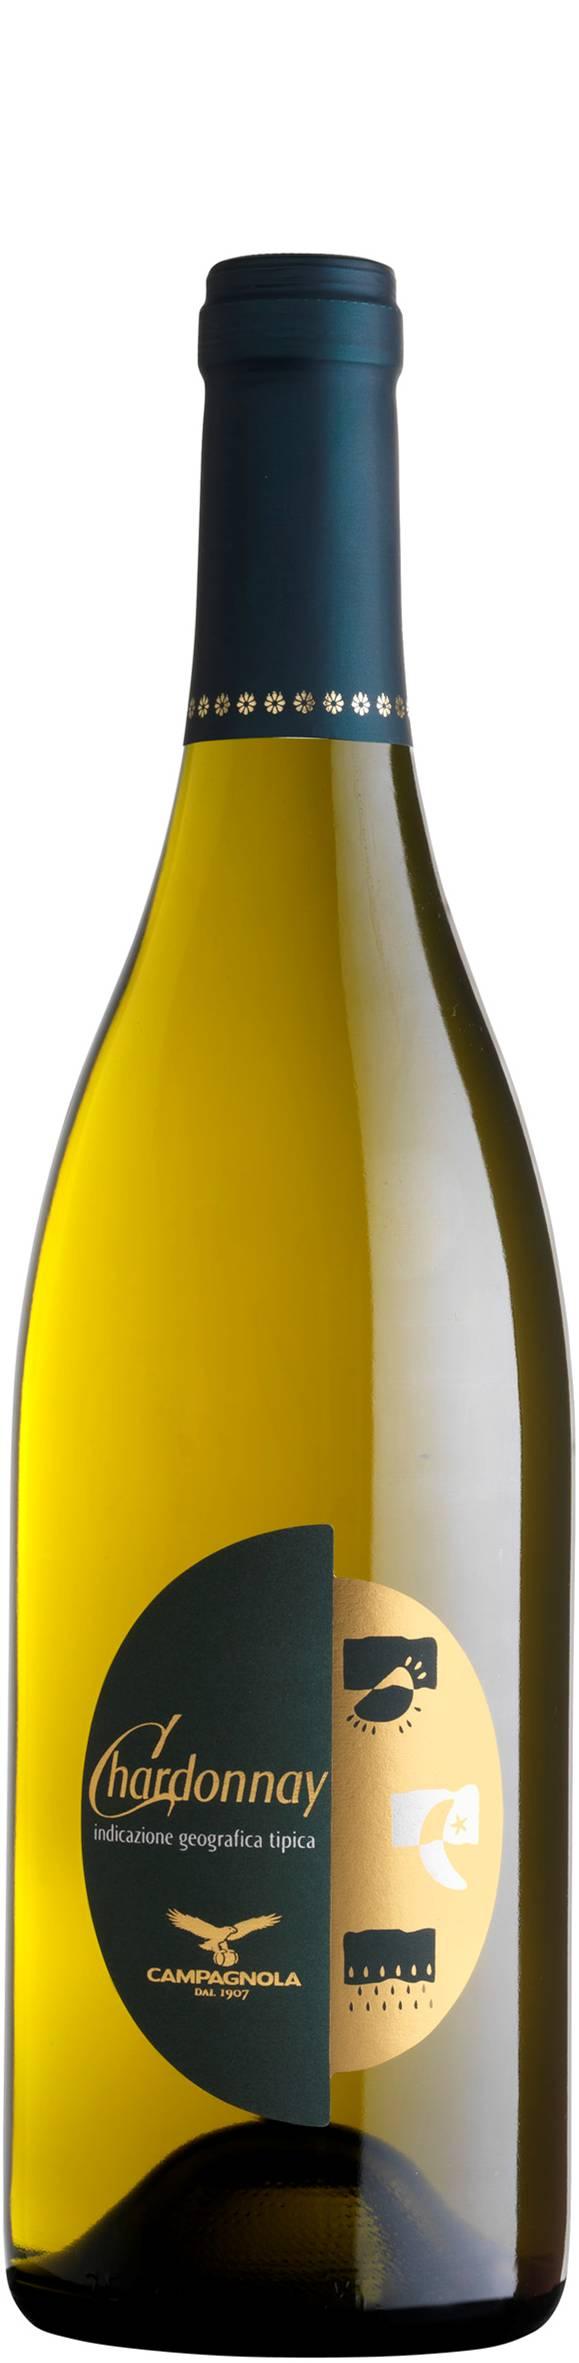 Campagnola Chardonnay Veneto IGT 2016